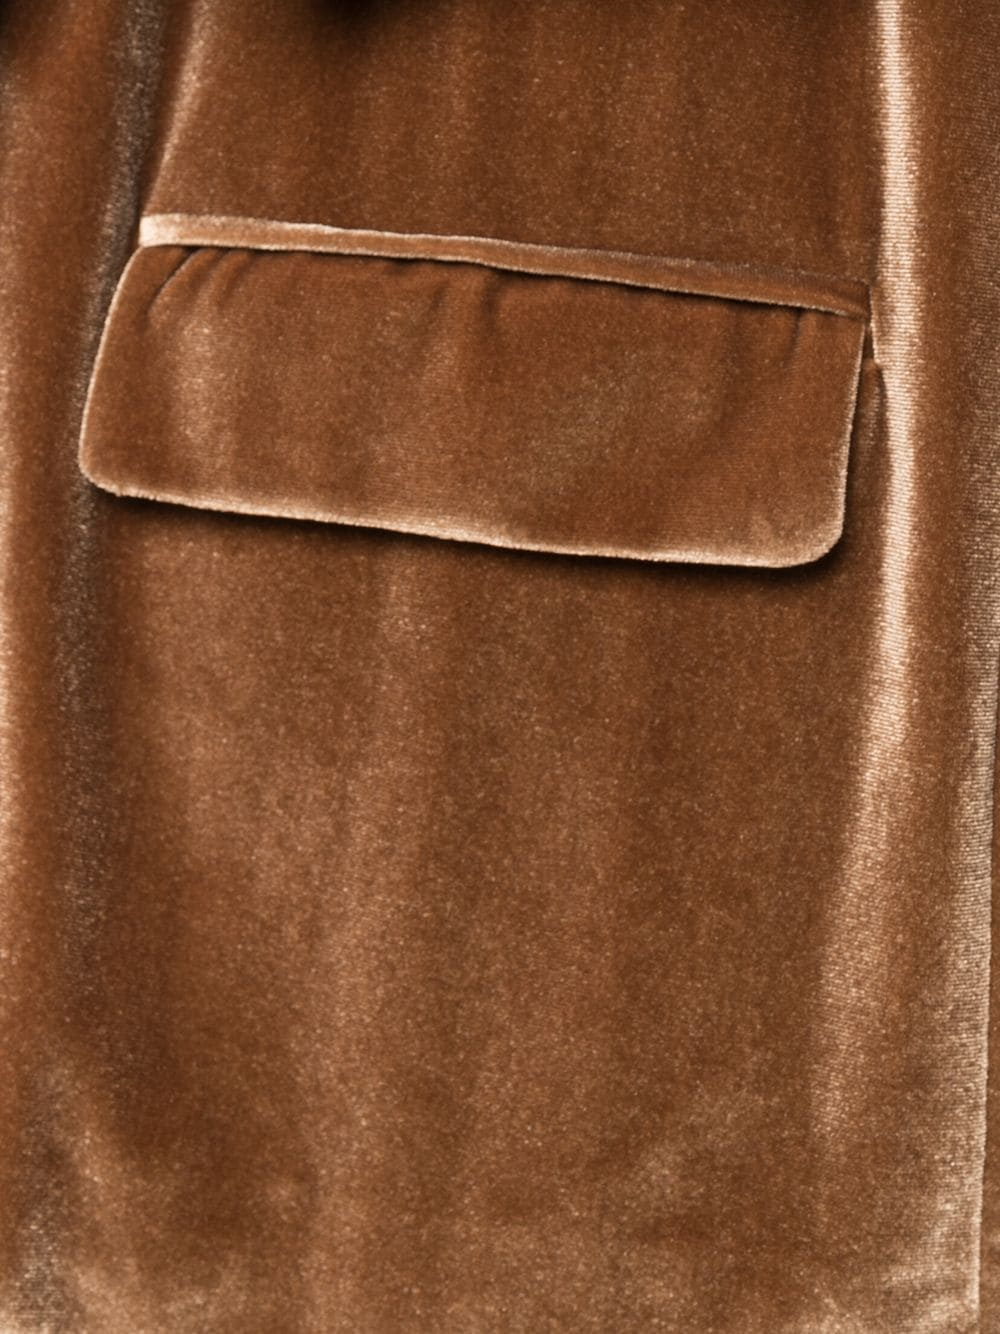 Giacca in velluto marrone chiaro con rever a dente ALTEA | Giacche | 206250734